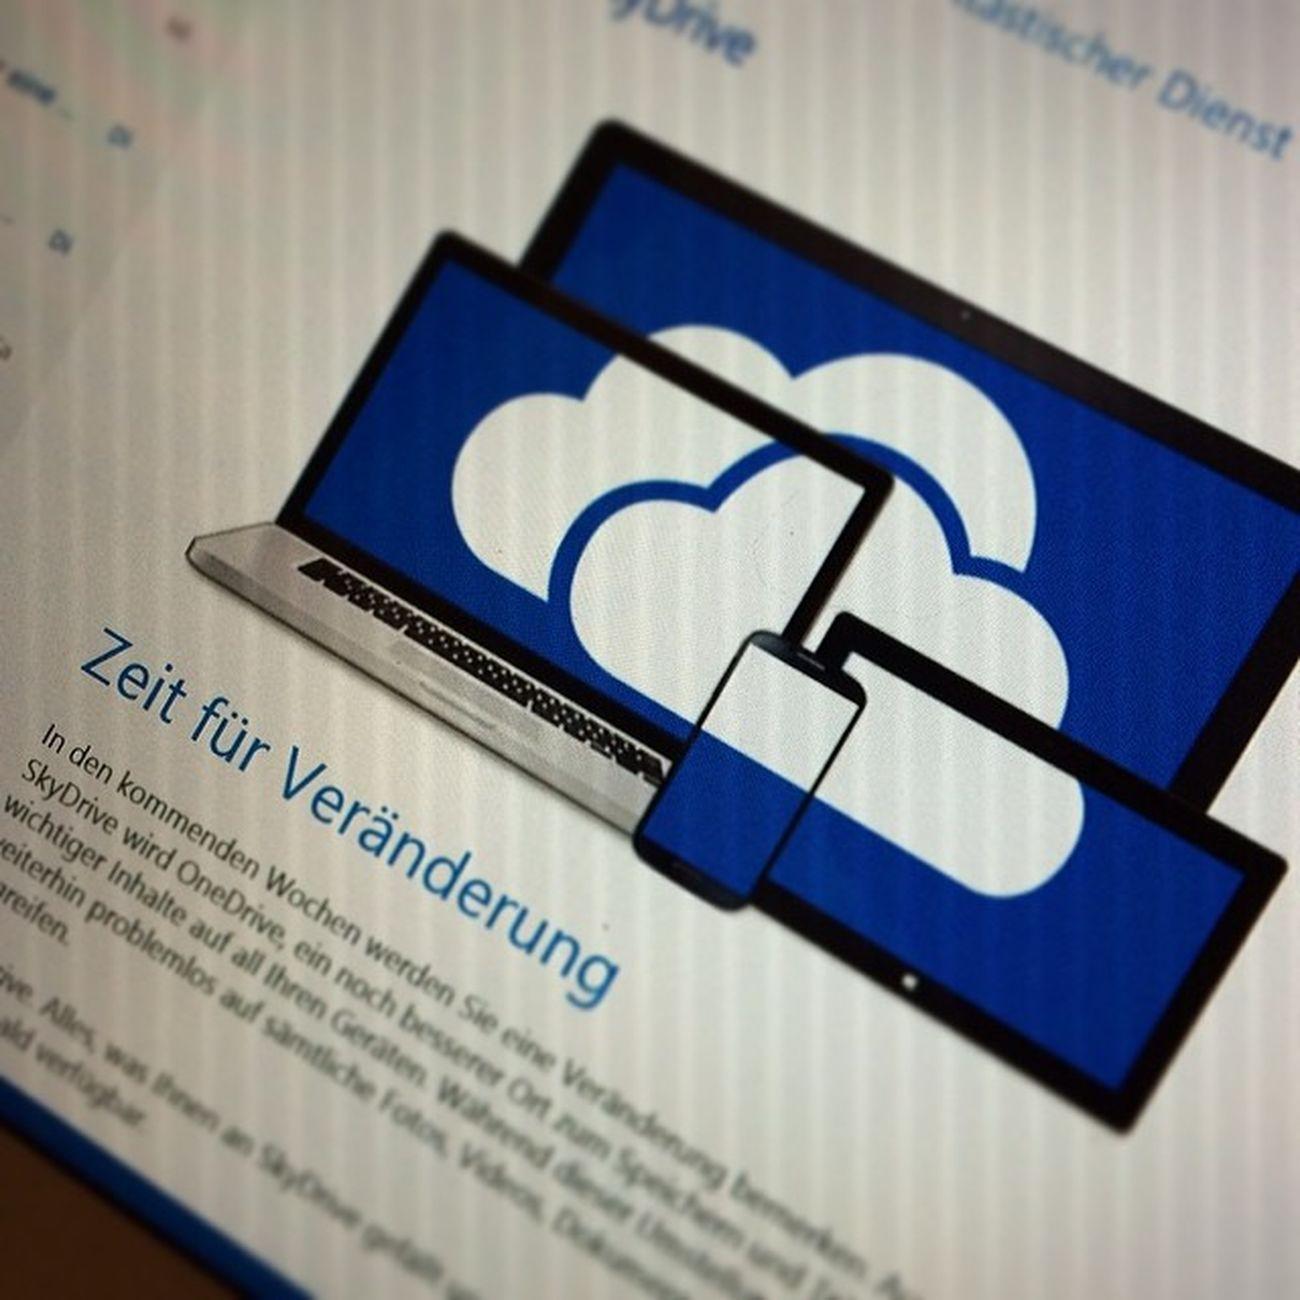 Veränderungen sind immer wieder gut #OneDrive #SkyDrive #Microsoft Microsoft Skydrive Onedrive